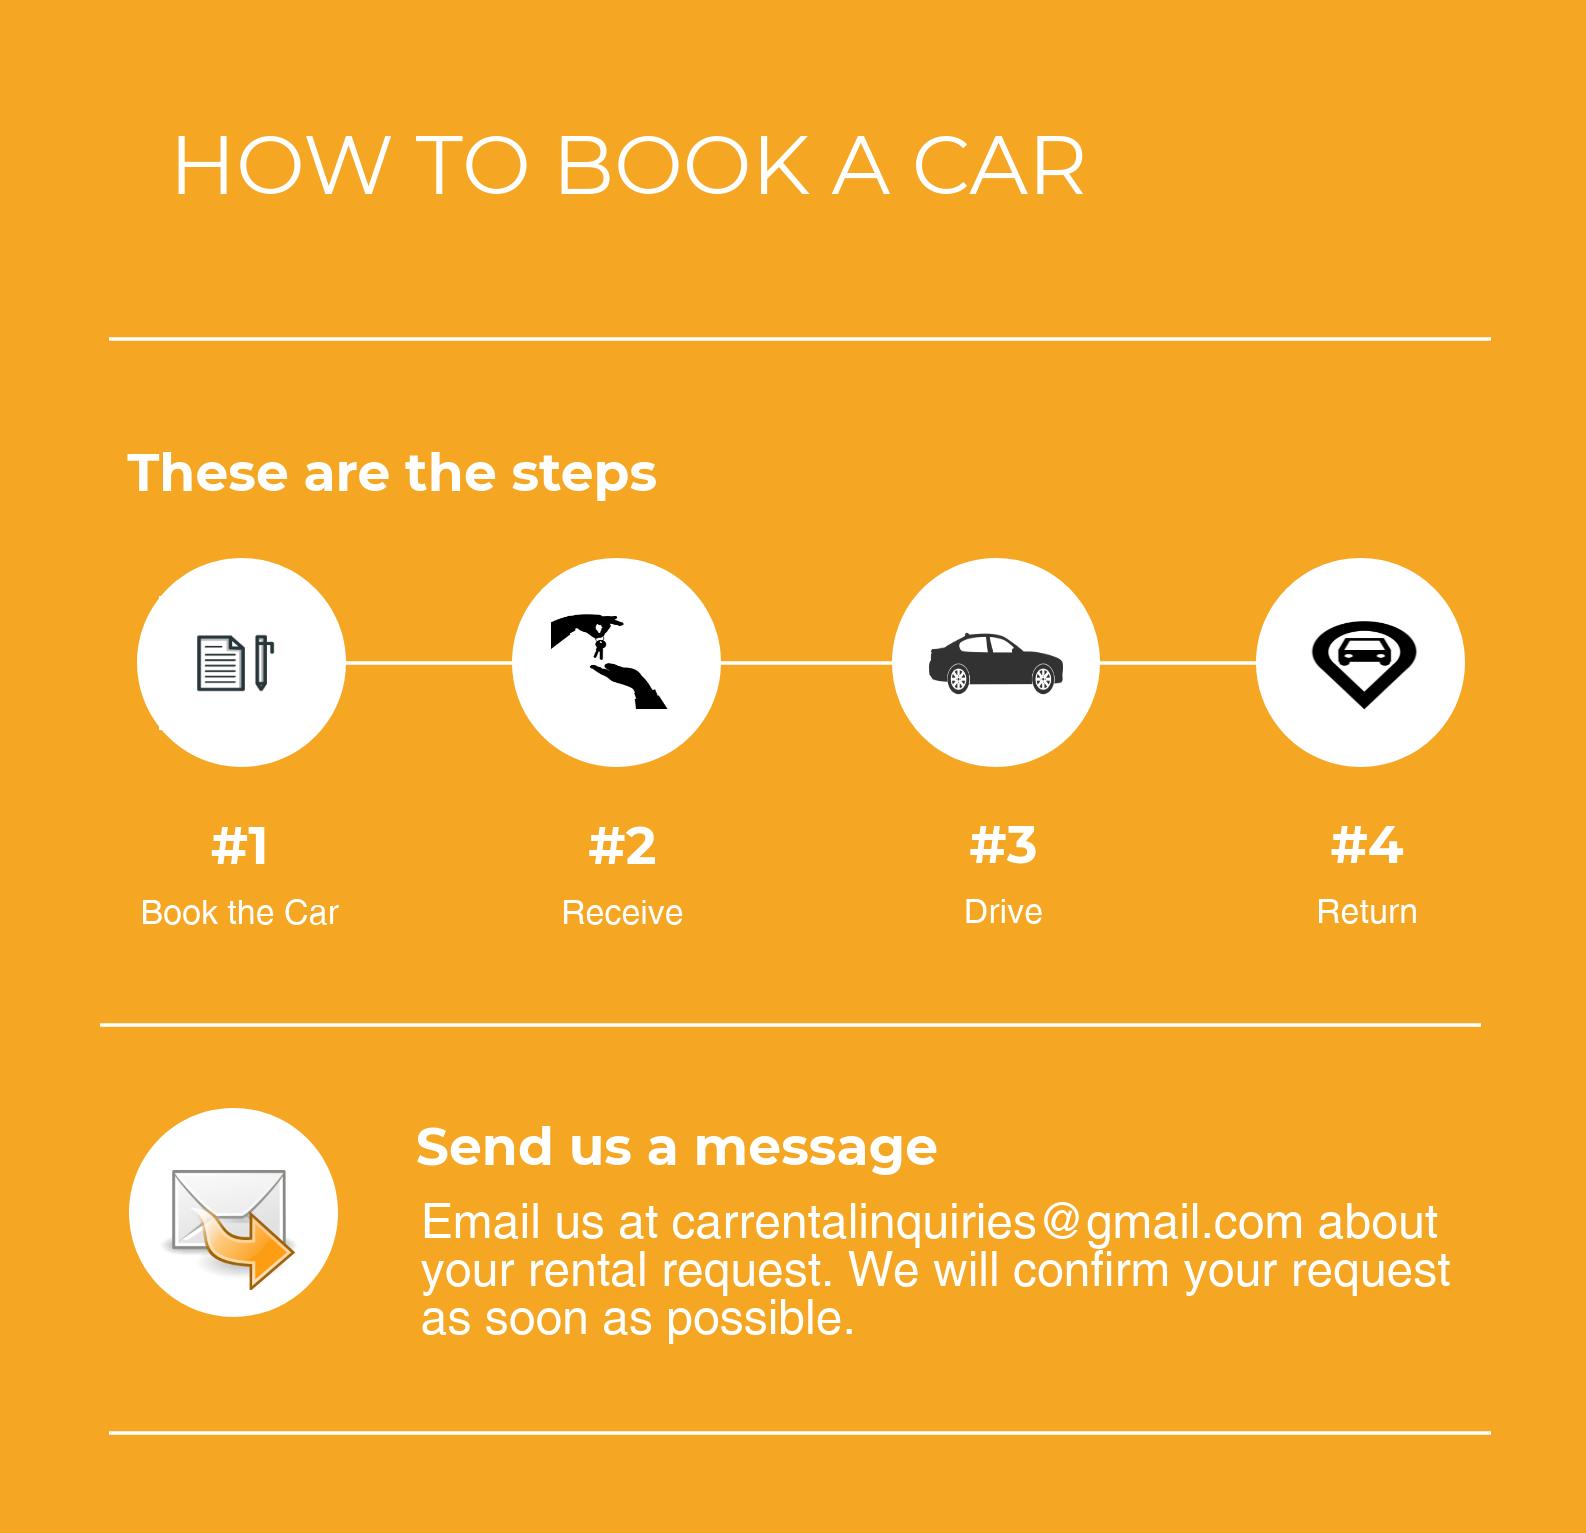 rent a car at rentcarmanila.com